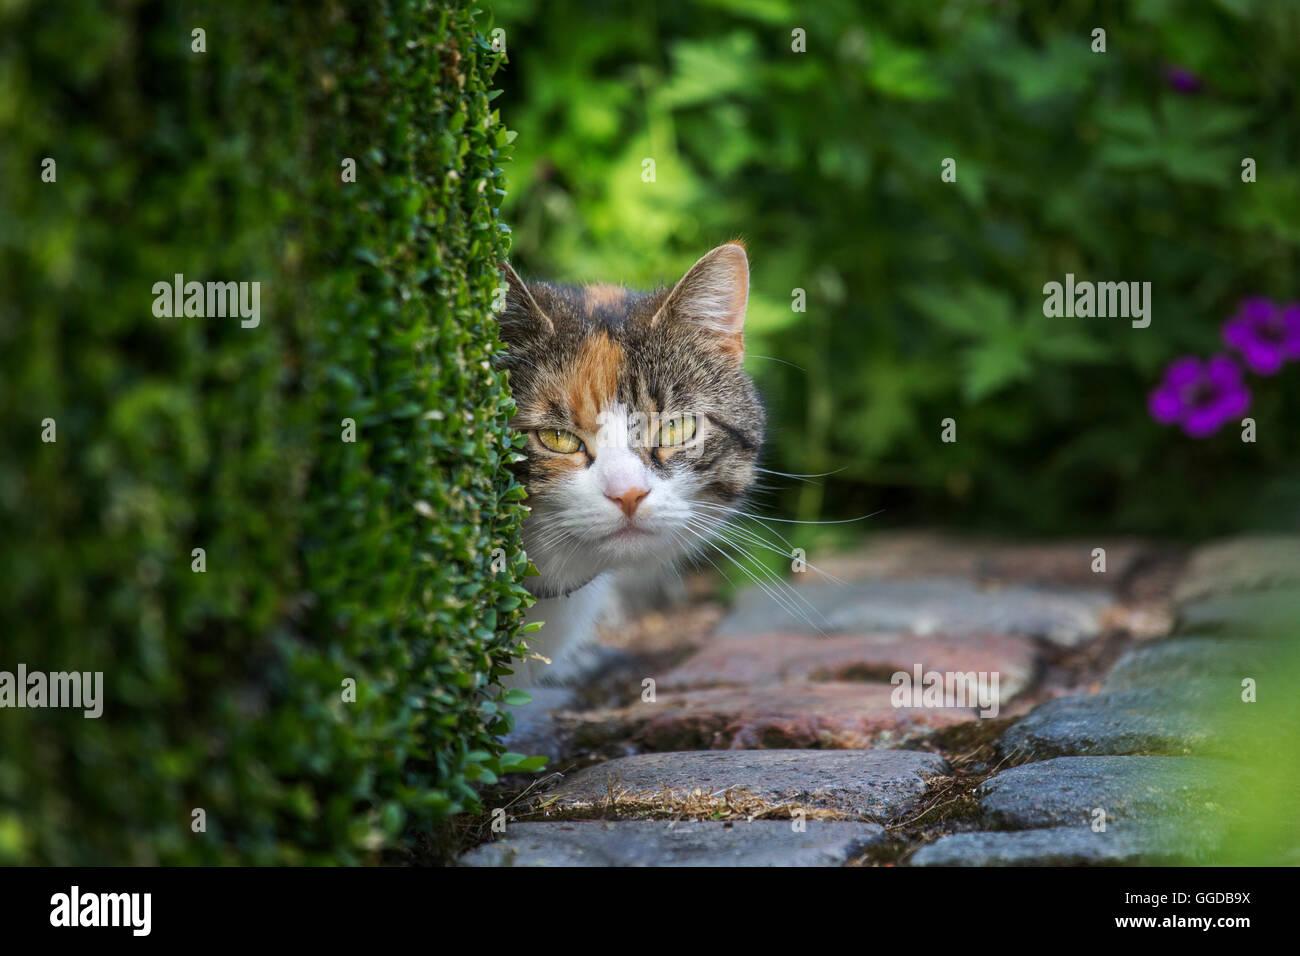 Curiosa pero tímida gato doméstico mirando desde detrás de hedge en jardín en verano Imagen De Stock